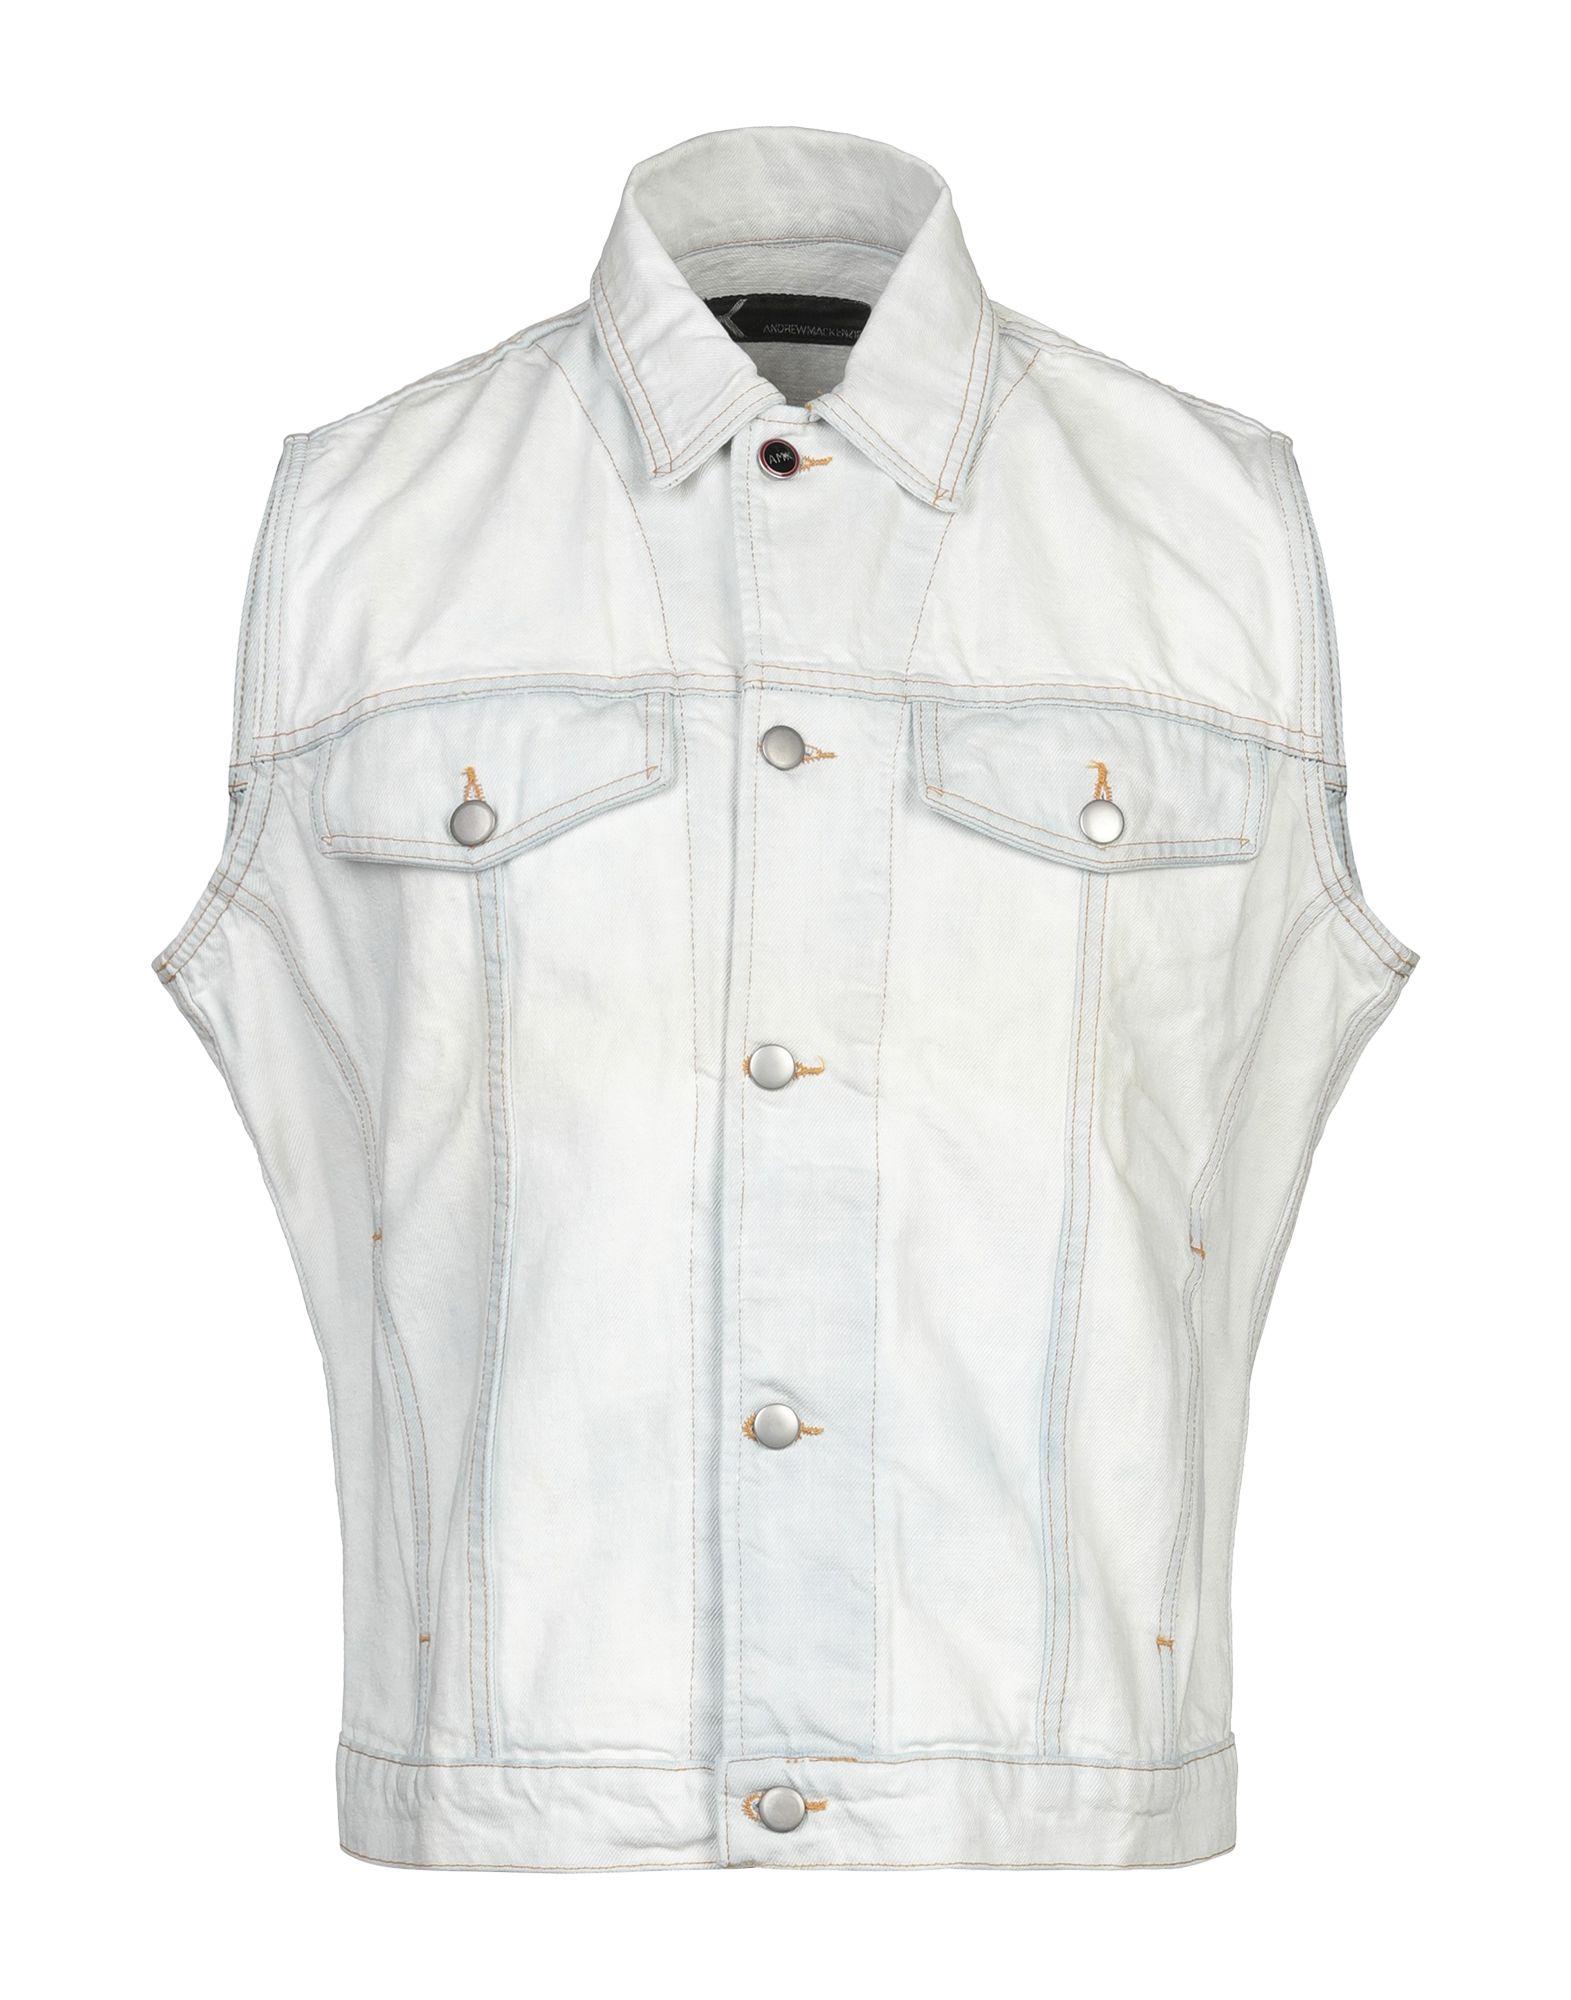 ANDREW MACKENZIE Джинсовая верхняя одежда andrew mackenzie пиджак